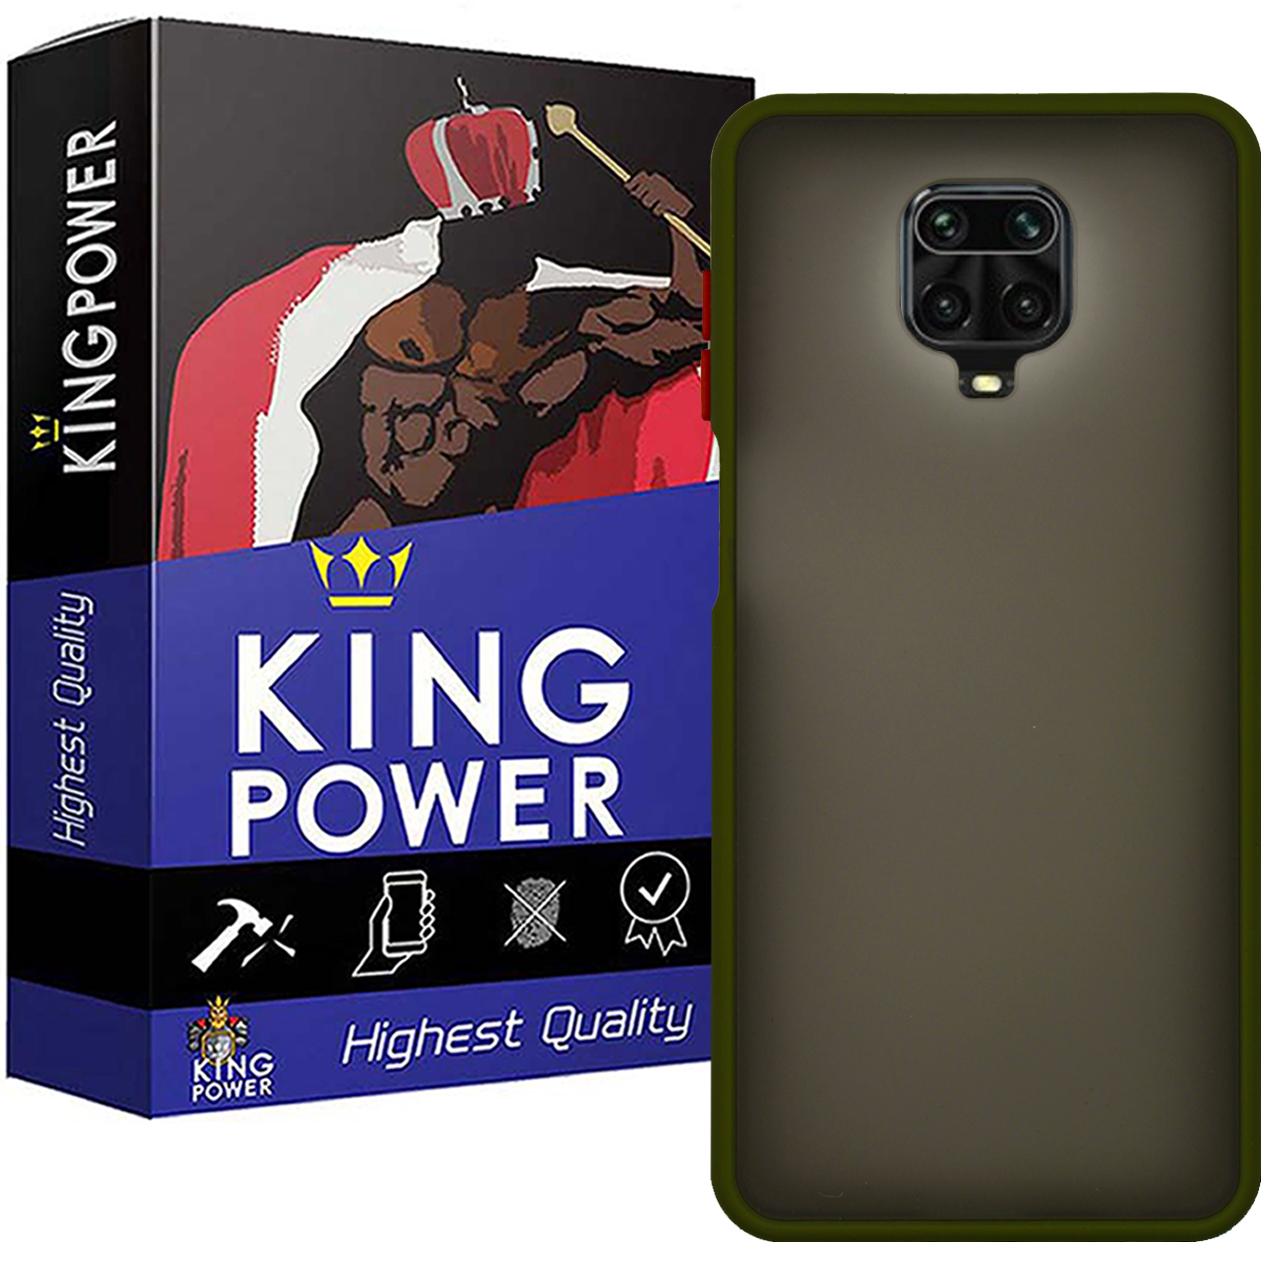 کاور کینگ پاور مدل M21 مناسب برای گوشی موبایل شیائومی Redmi Note 9S / Note 9 Pro / Note 9 Pro Max              ( قیمت و خرید)